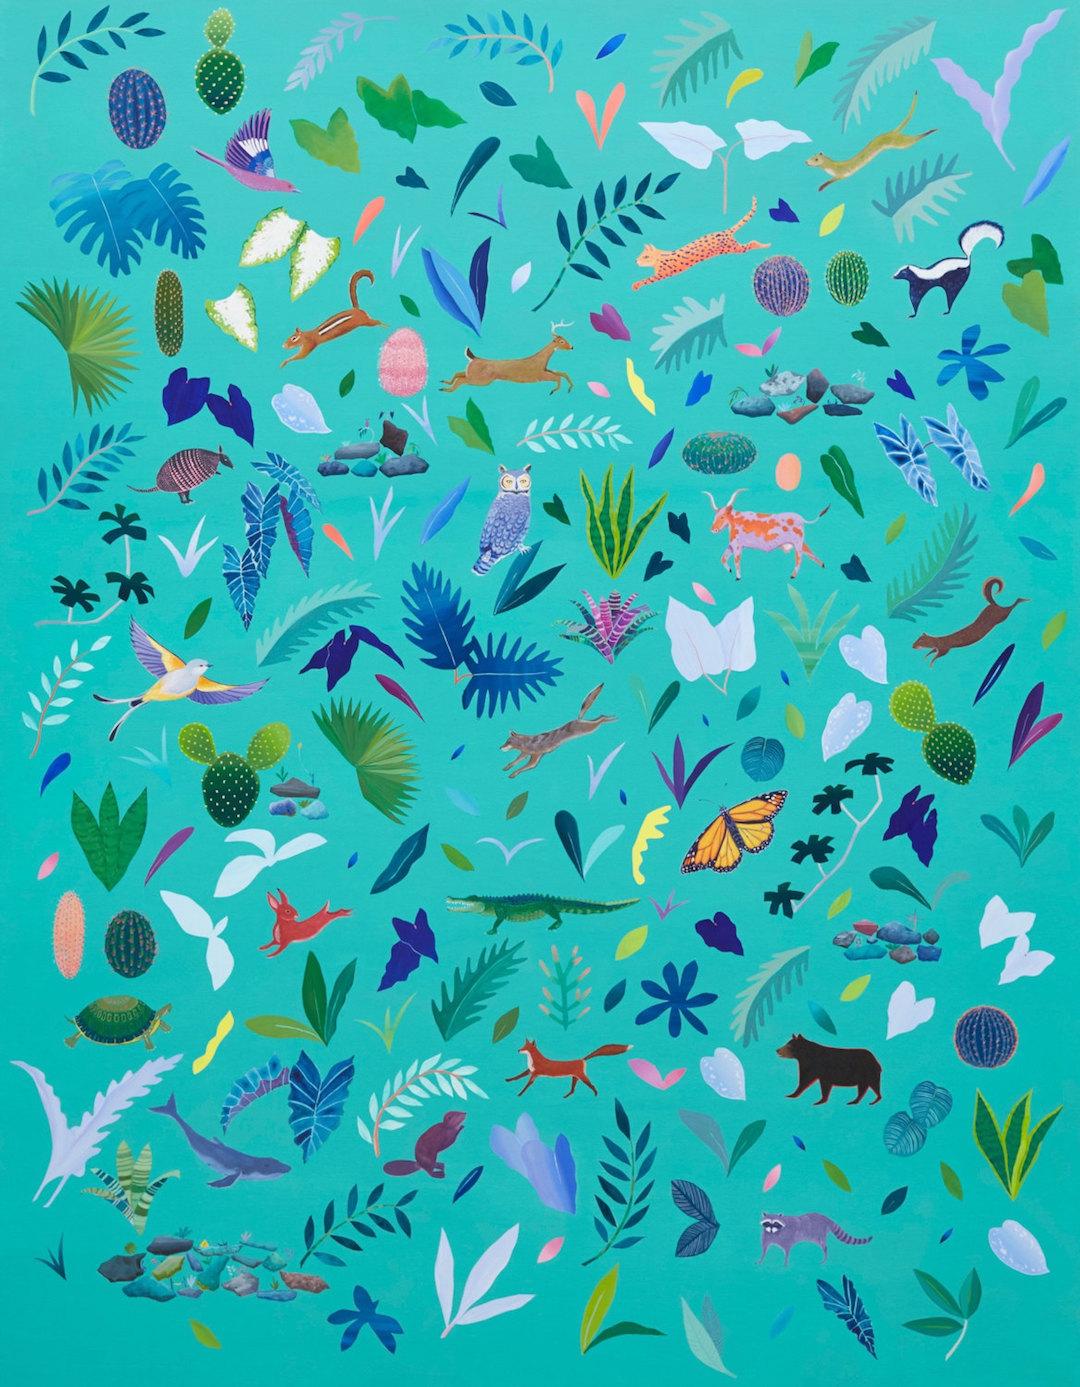 Little worlds by Celan Bouillet